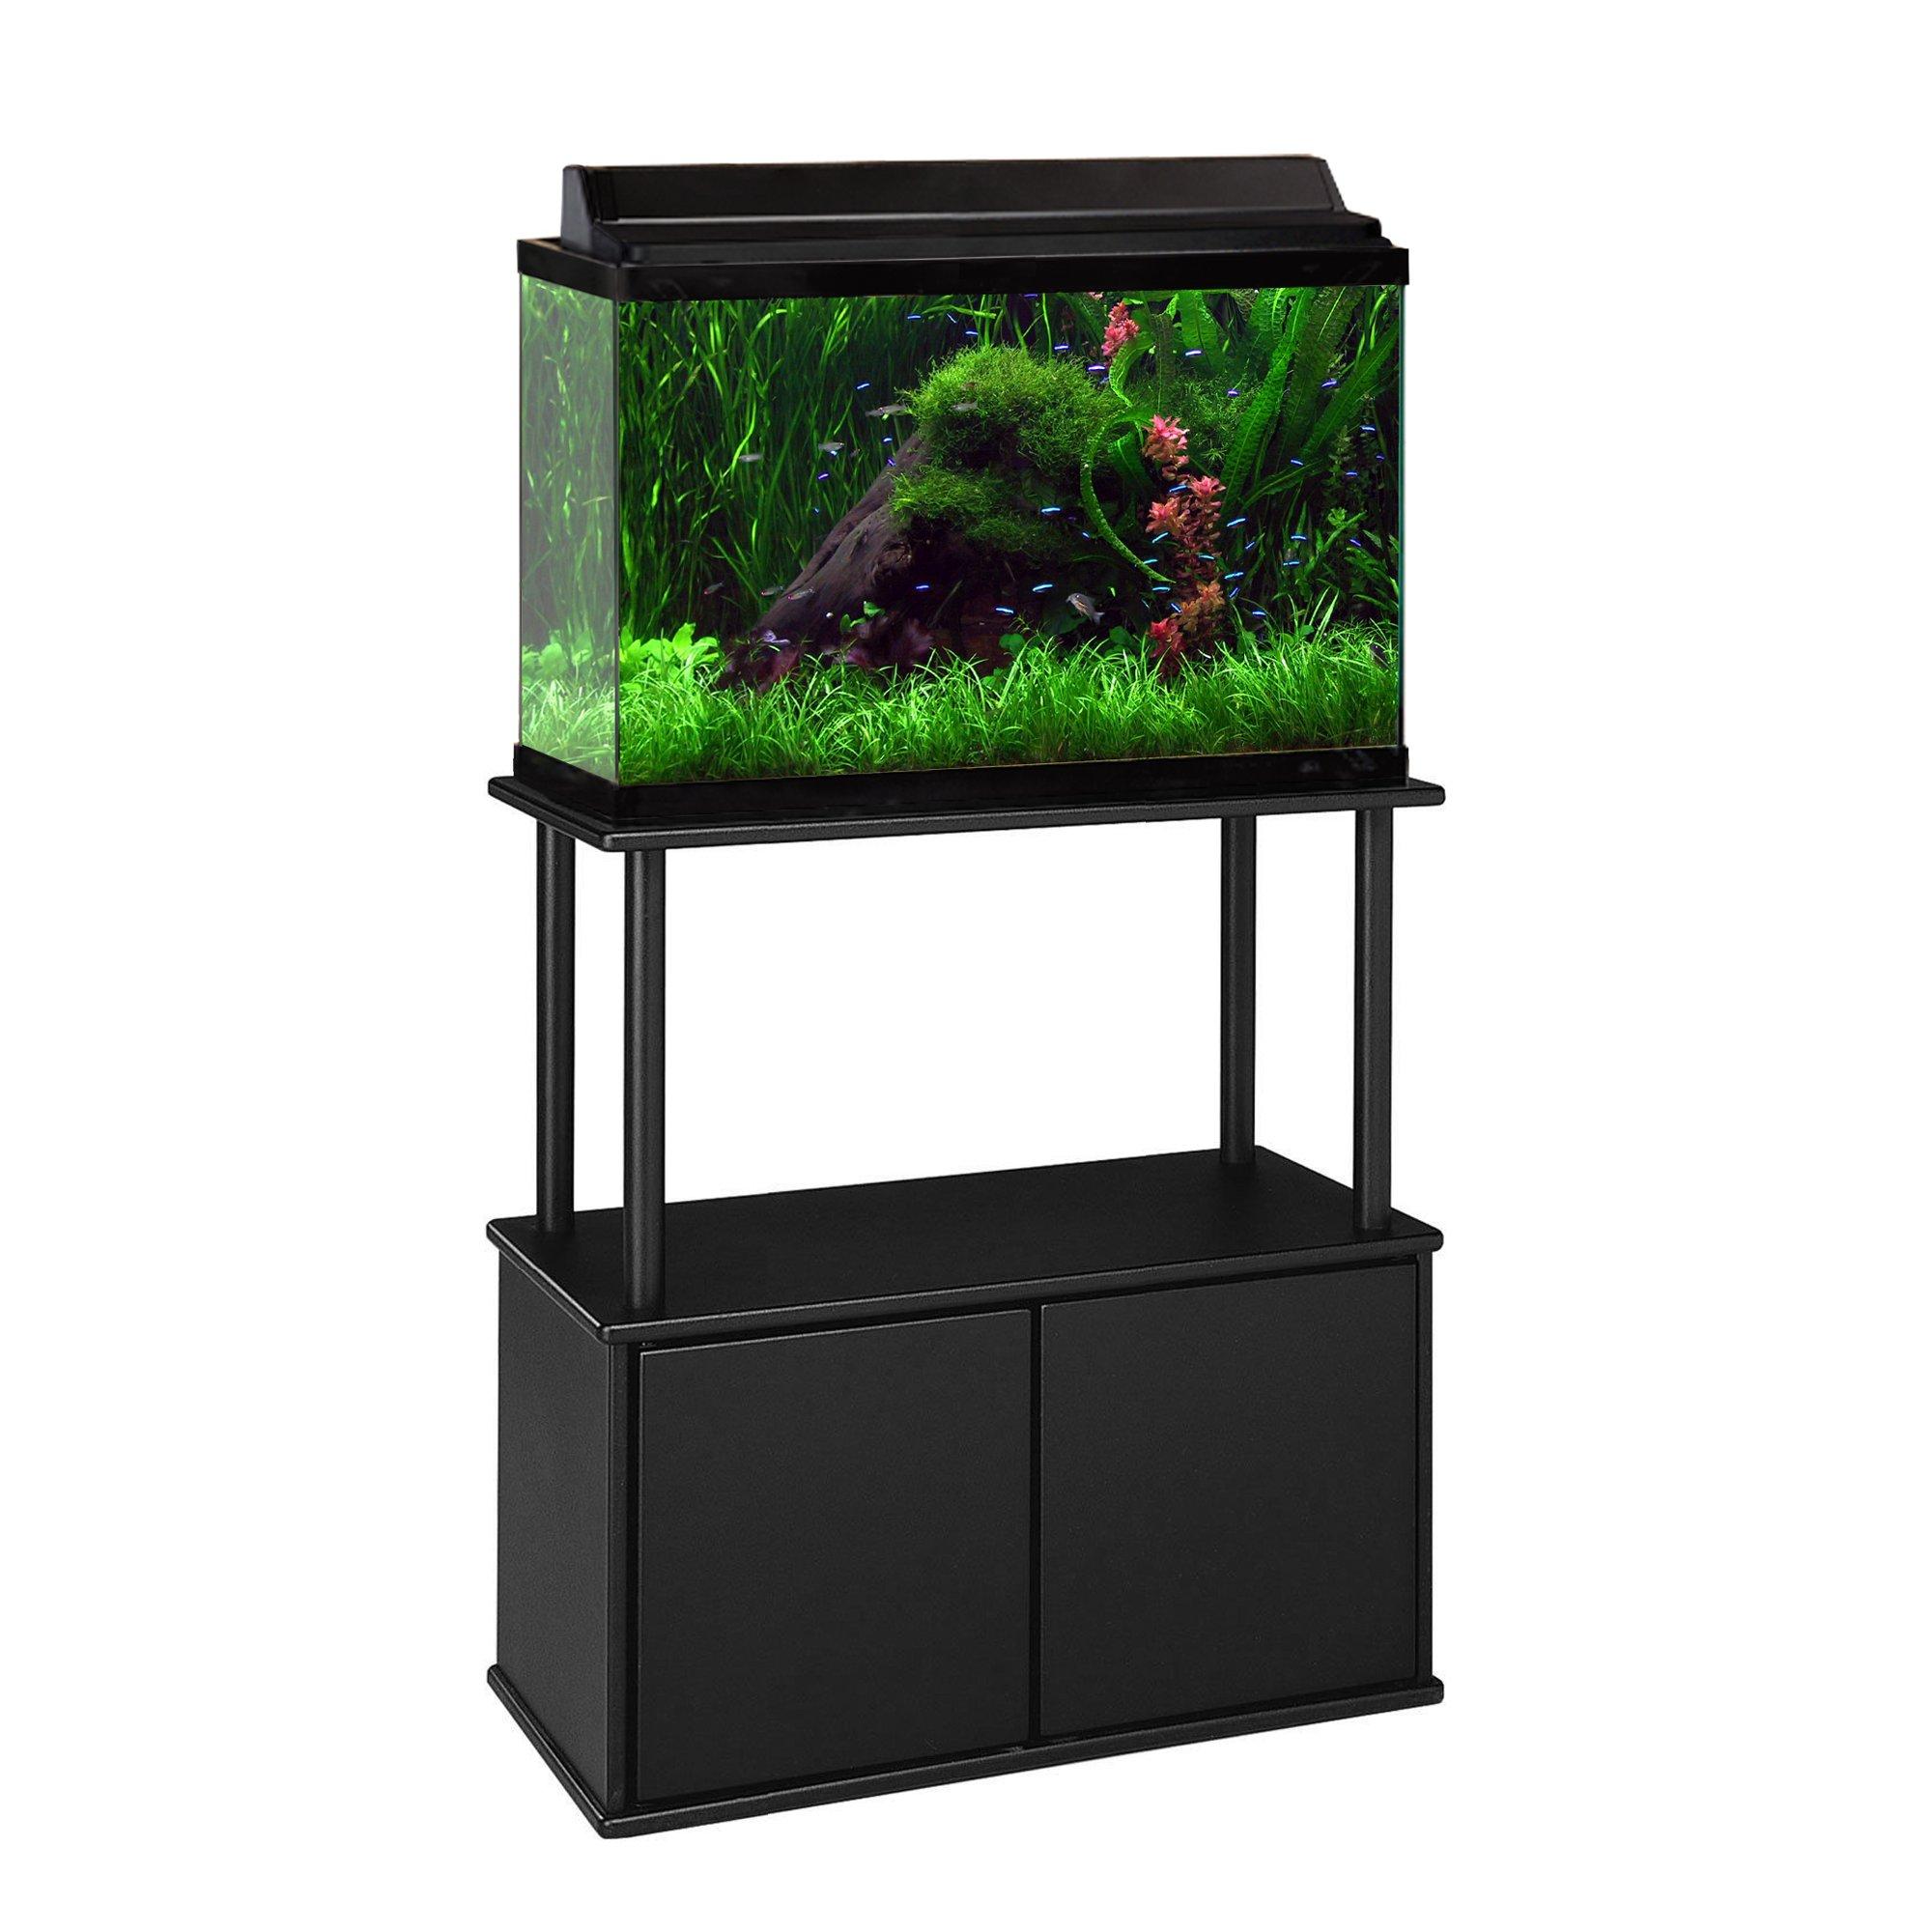 Aquatic Fundamentals 10/20 Gallon Aquarium Stand with Cabinet